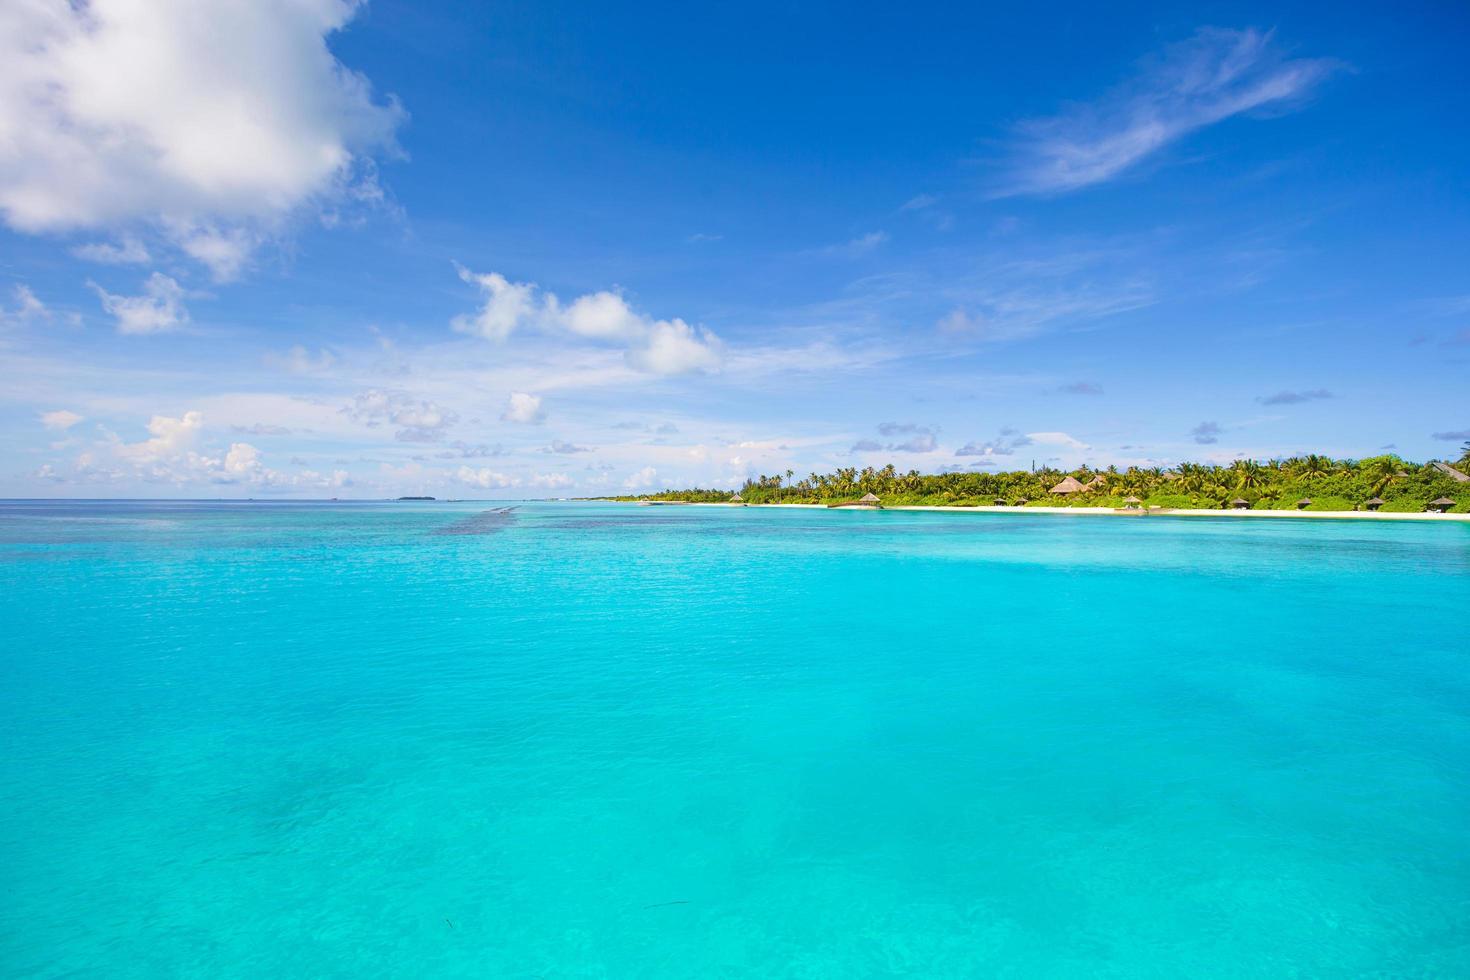 oceano azul tropical e ilha foto